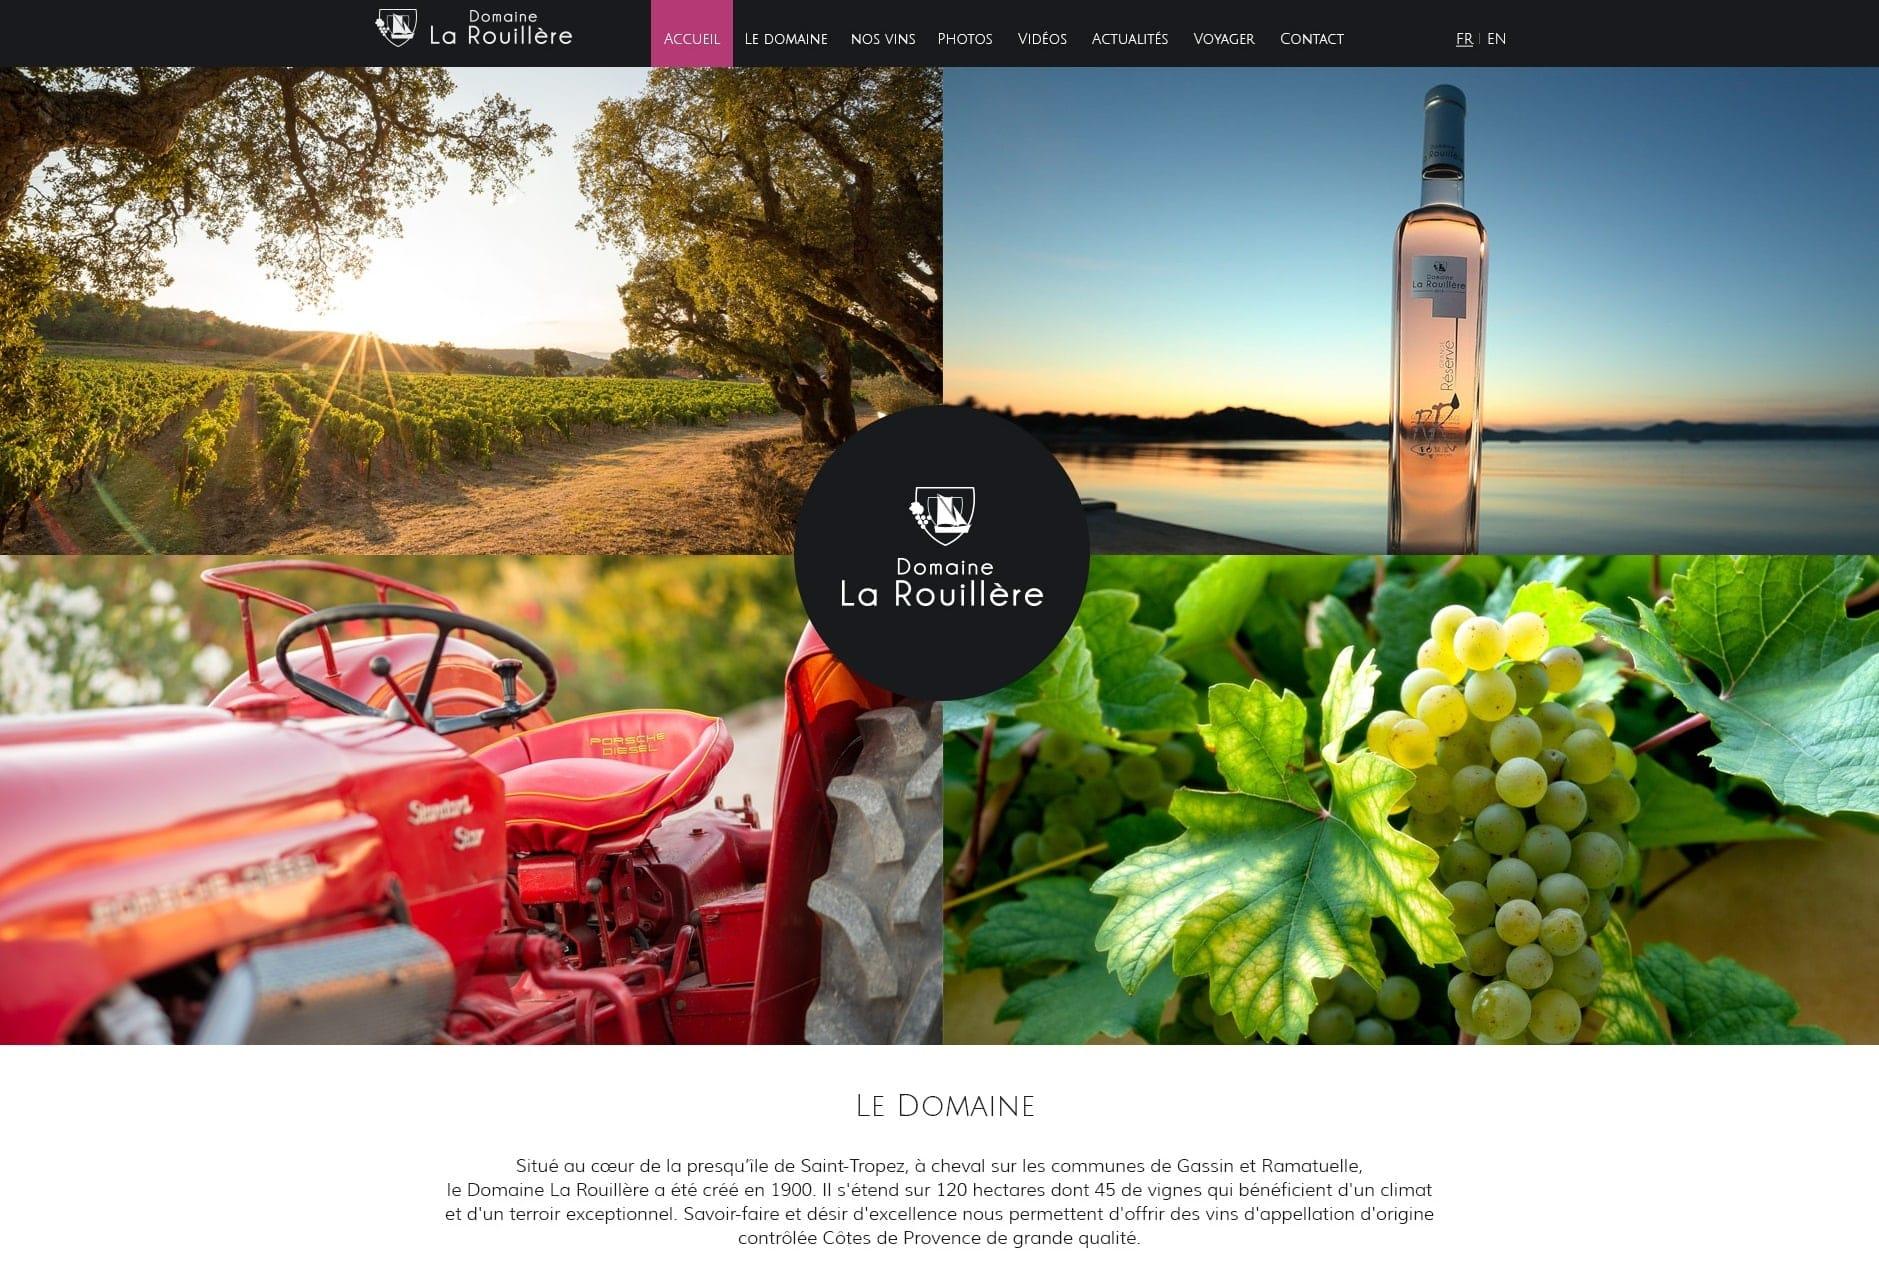 Identité visuelle du domaine viticole avec boutique de vente à la propriété, UX design et création des interfaces web / mobile du nouveau site responsive des vins du Domaine La Rouillère